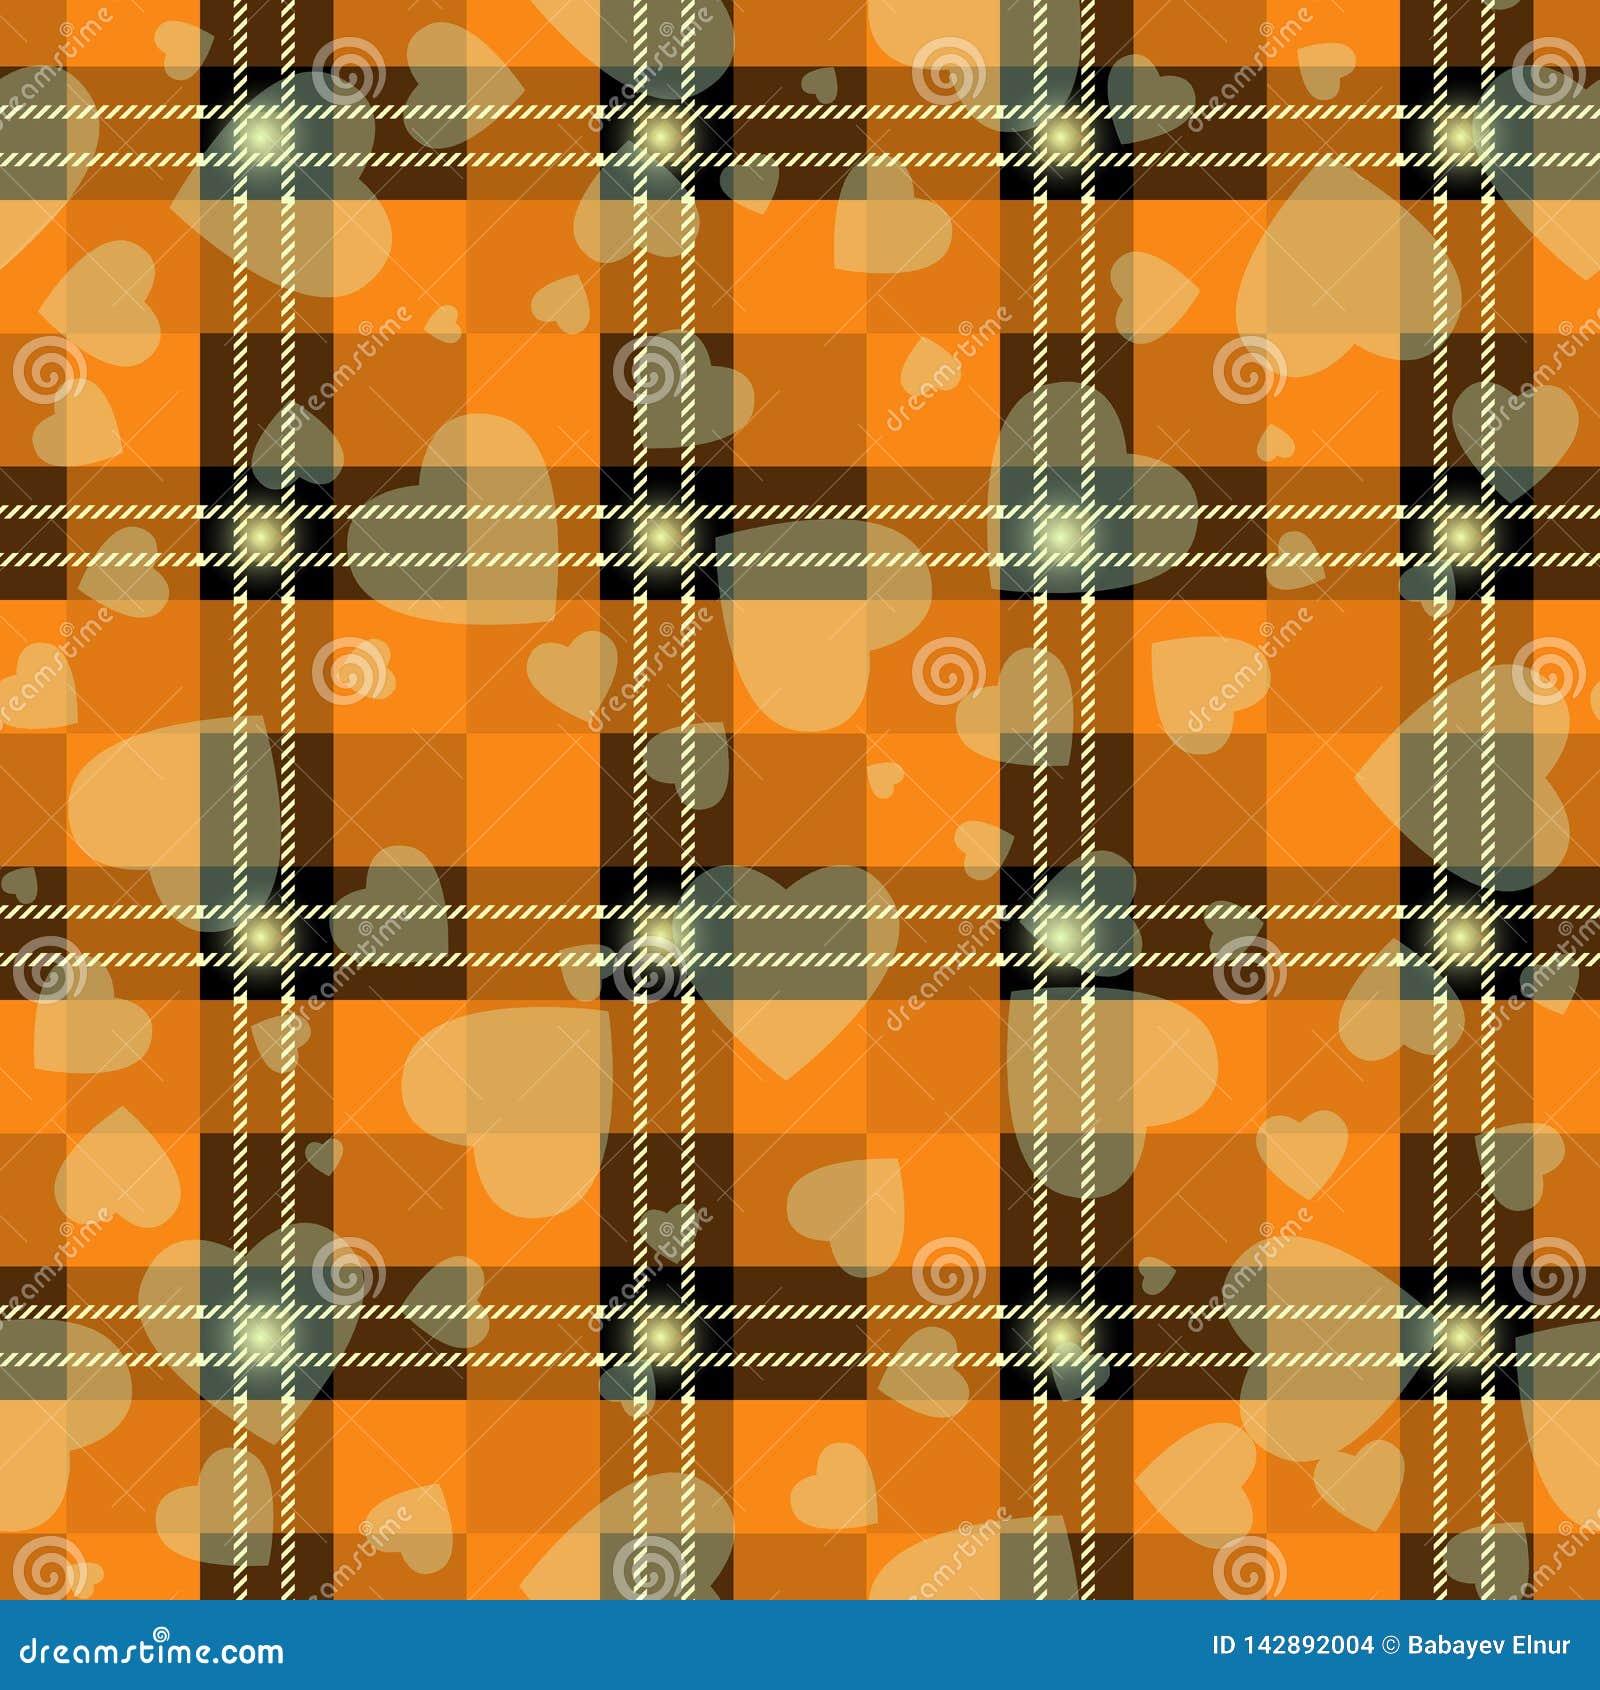 Allhelgonaaftontartanpläd med hjärta Skotsk modell i apelsin-, svart- och grå färgbur Skotsk bur Traditionellt skotskt rutigt